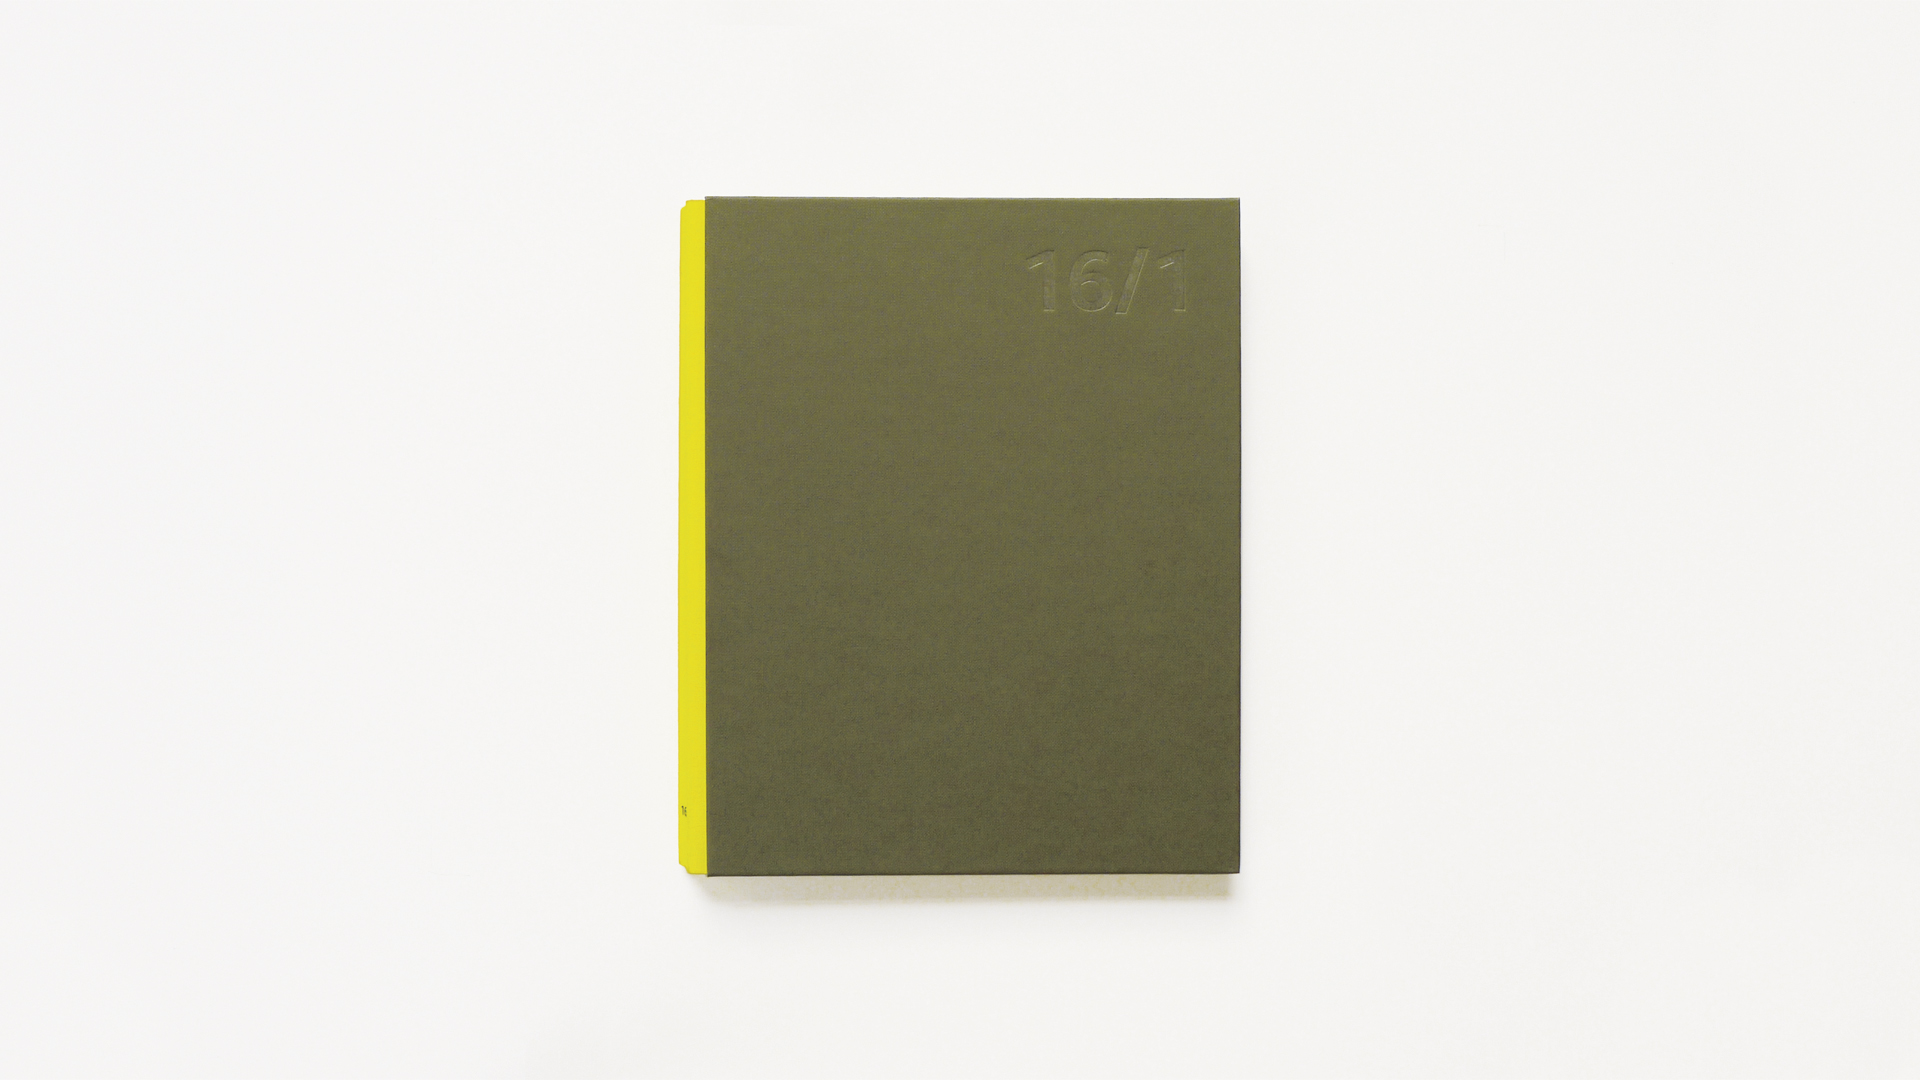 Sánchez/Lacasta participa en 16/1: 16 diseñadores ante el reto de 16 tipos de papel